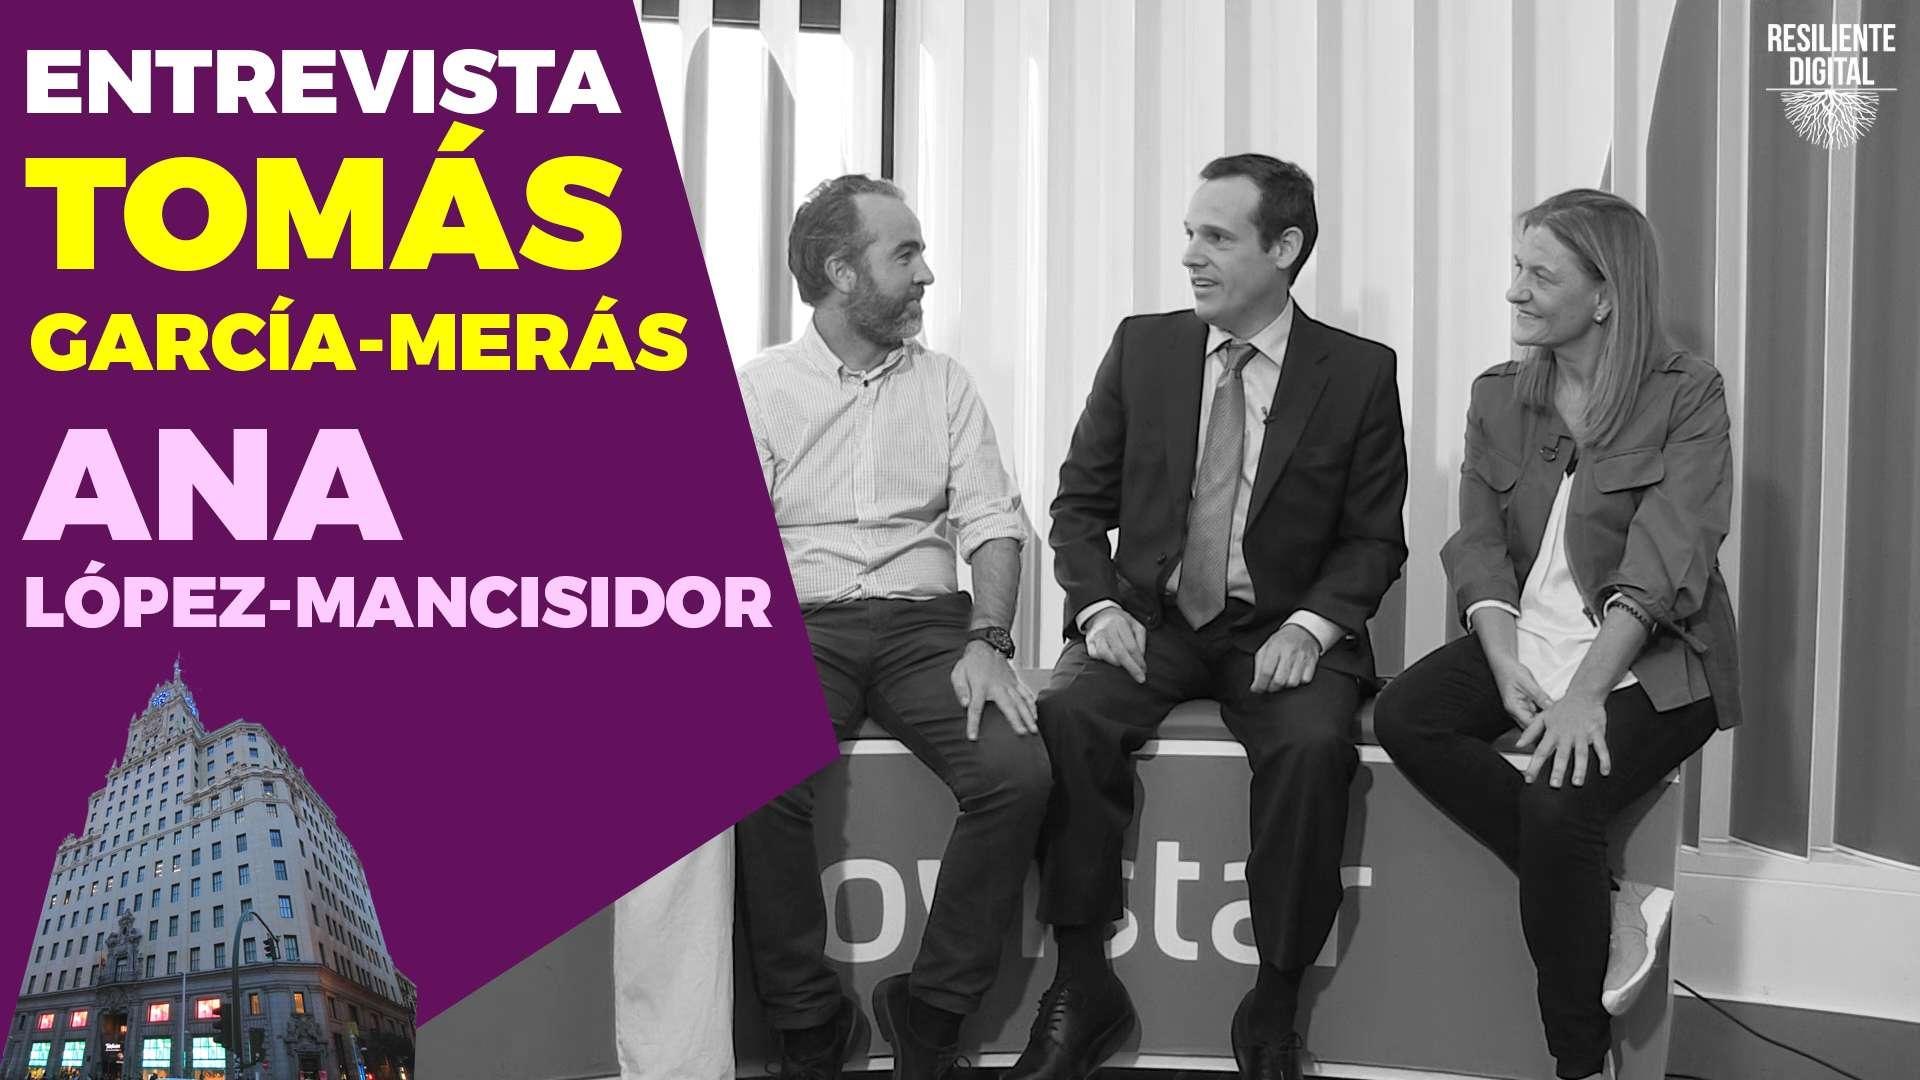 Entrevista sobre Desarrollo de aplicaciones empresariales en Blockchain con Tomás García-Merás y Ana Lopez-Mancisidor